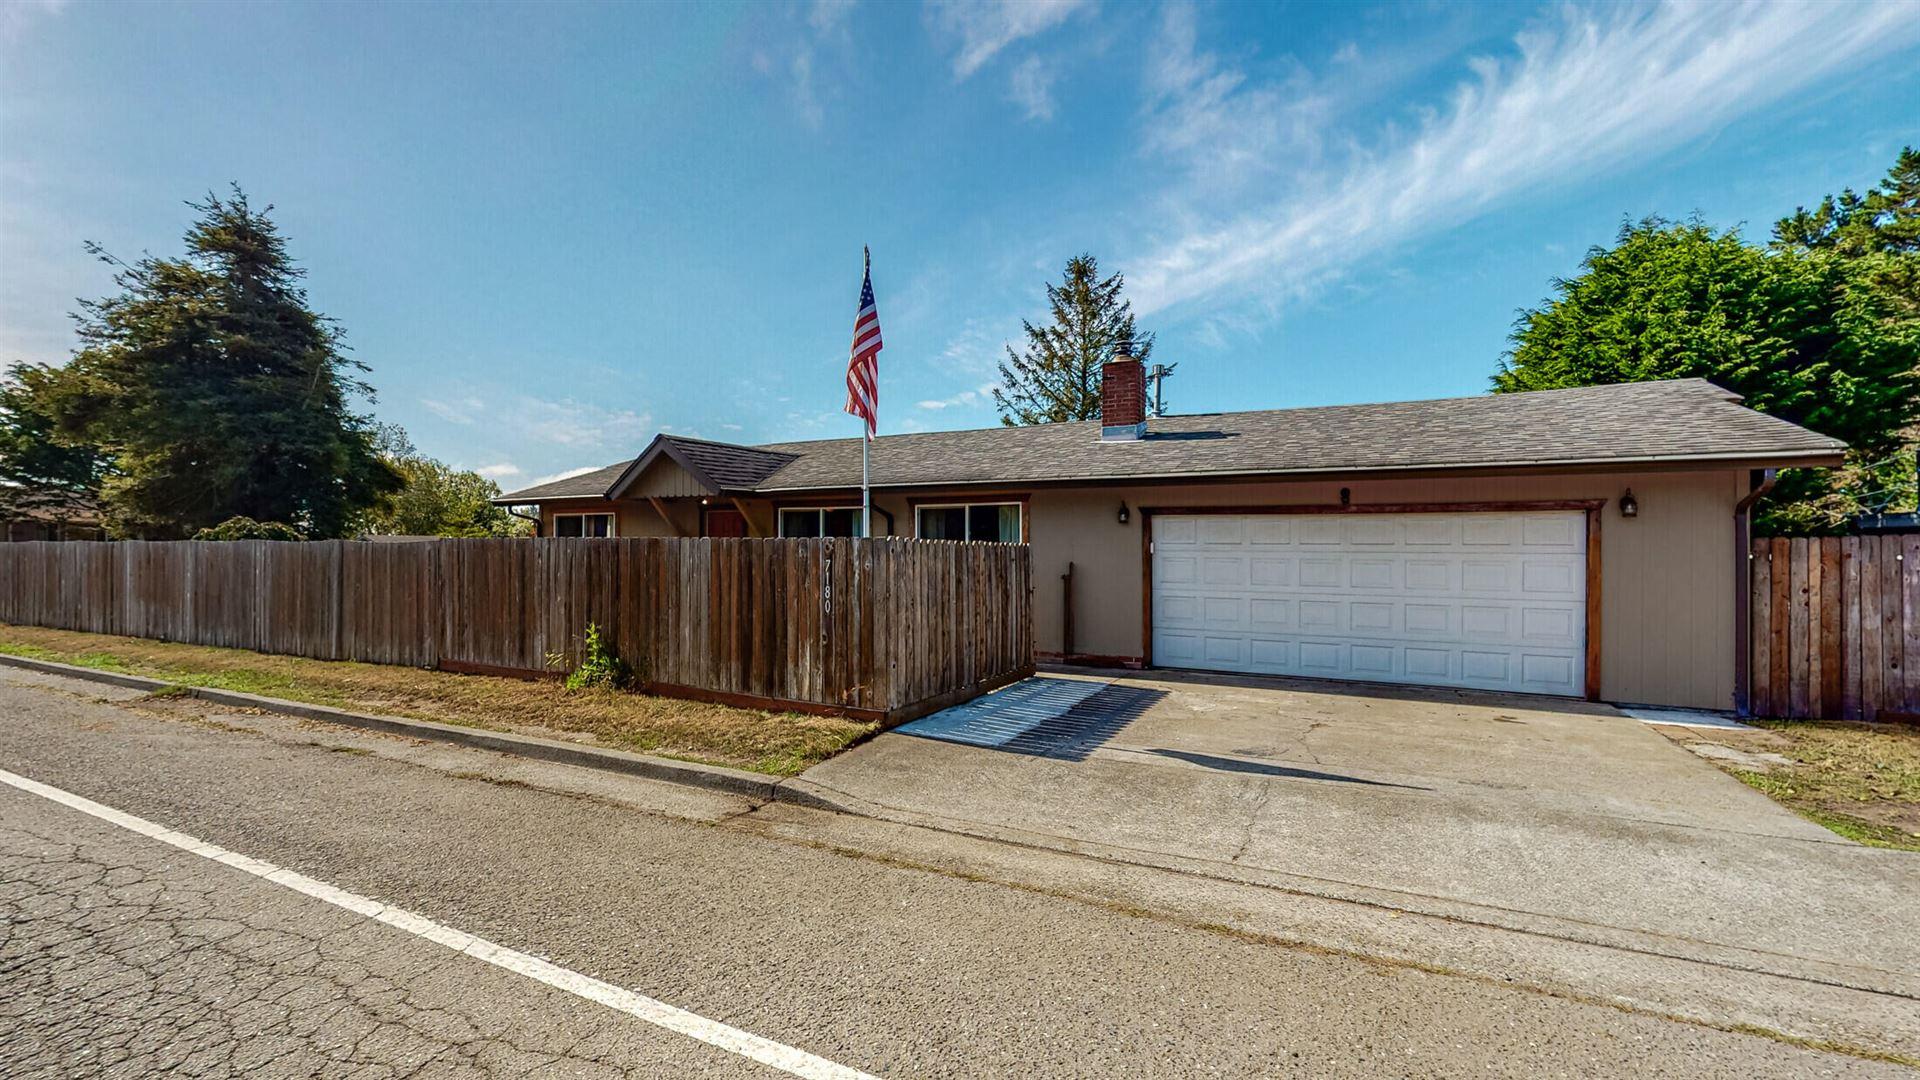 7180 Humboldt Hill Road, Eureka, CA 95503 - MLS#: 260344